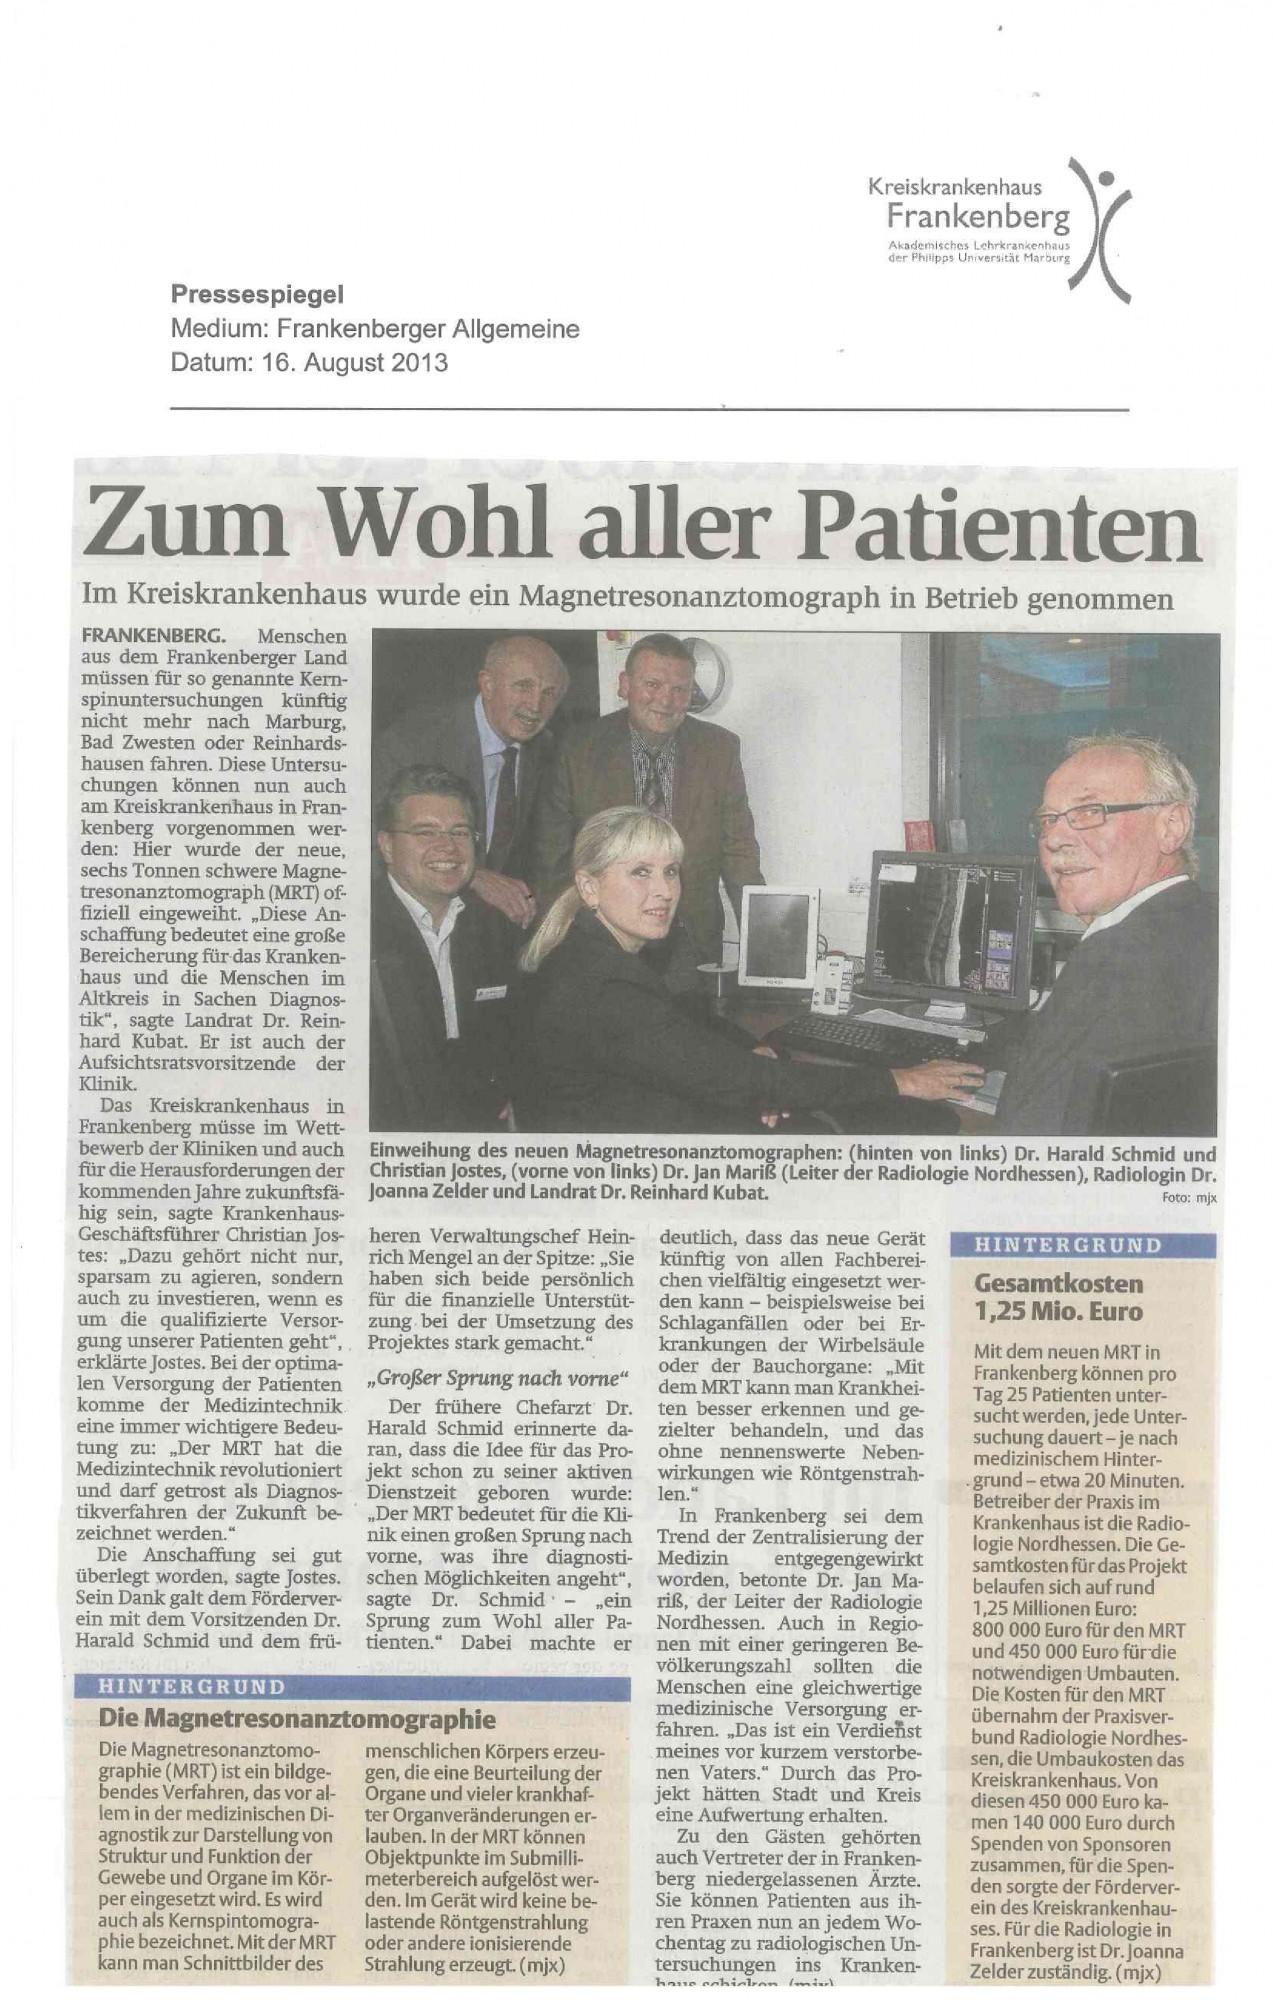 2013_08_16 Zum Wohl aller Patienten_FZ-001